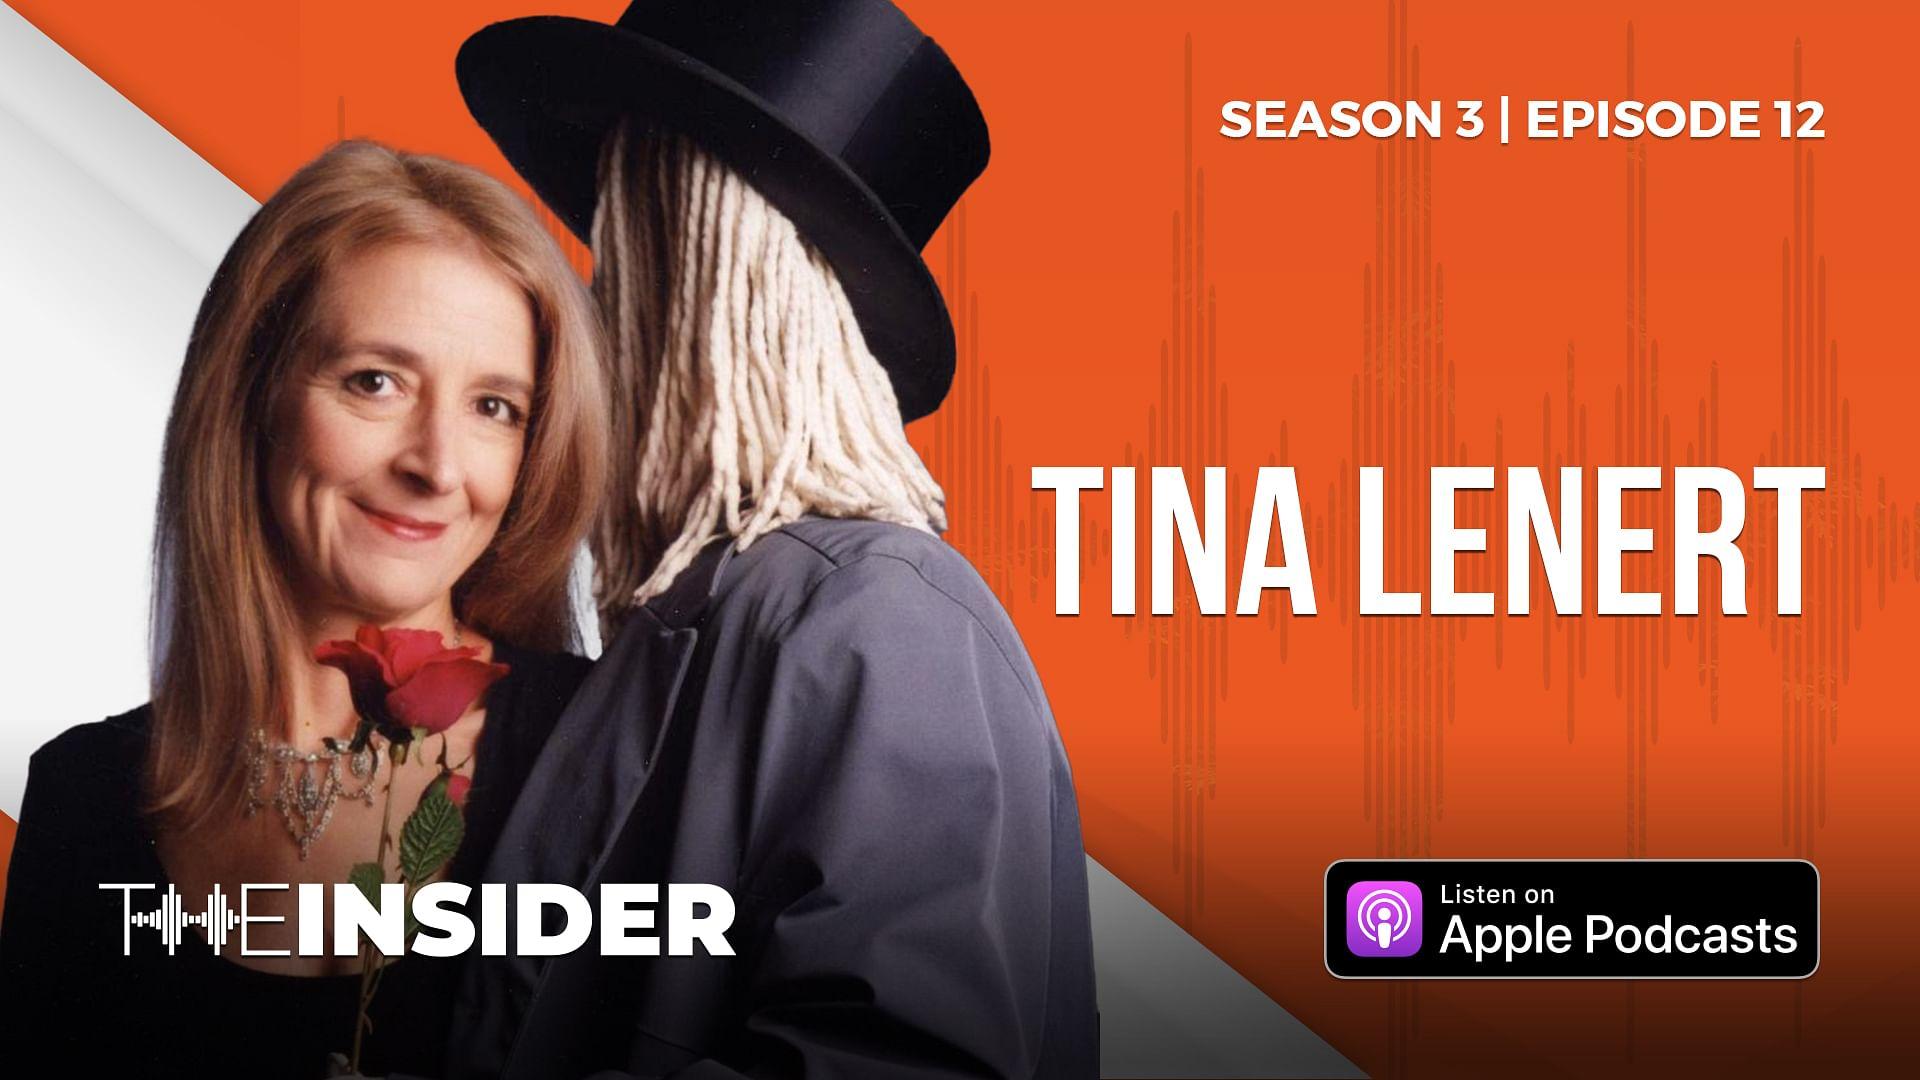 The Insider | Tina Lenert